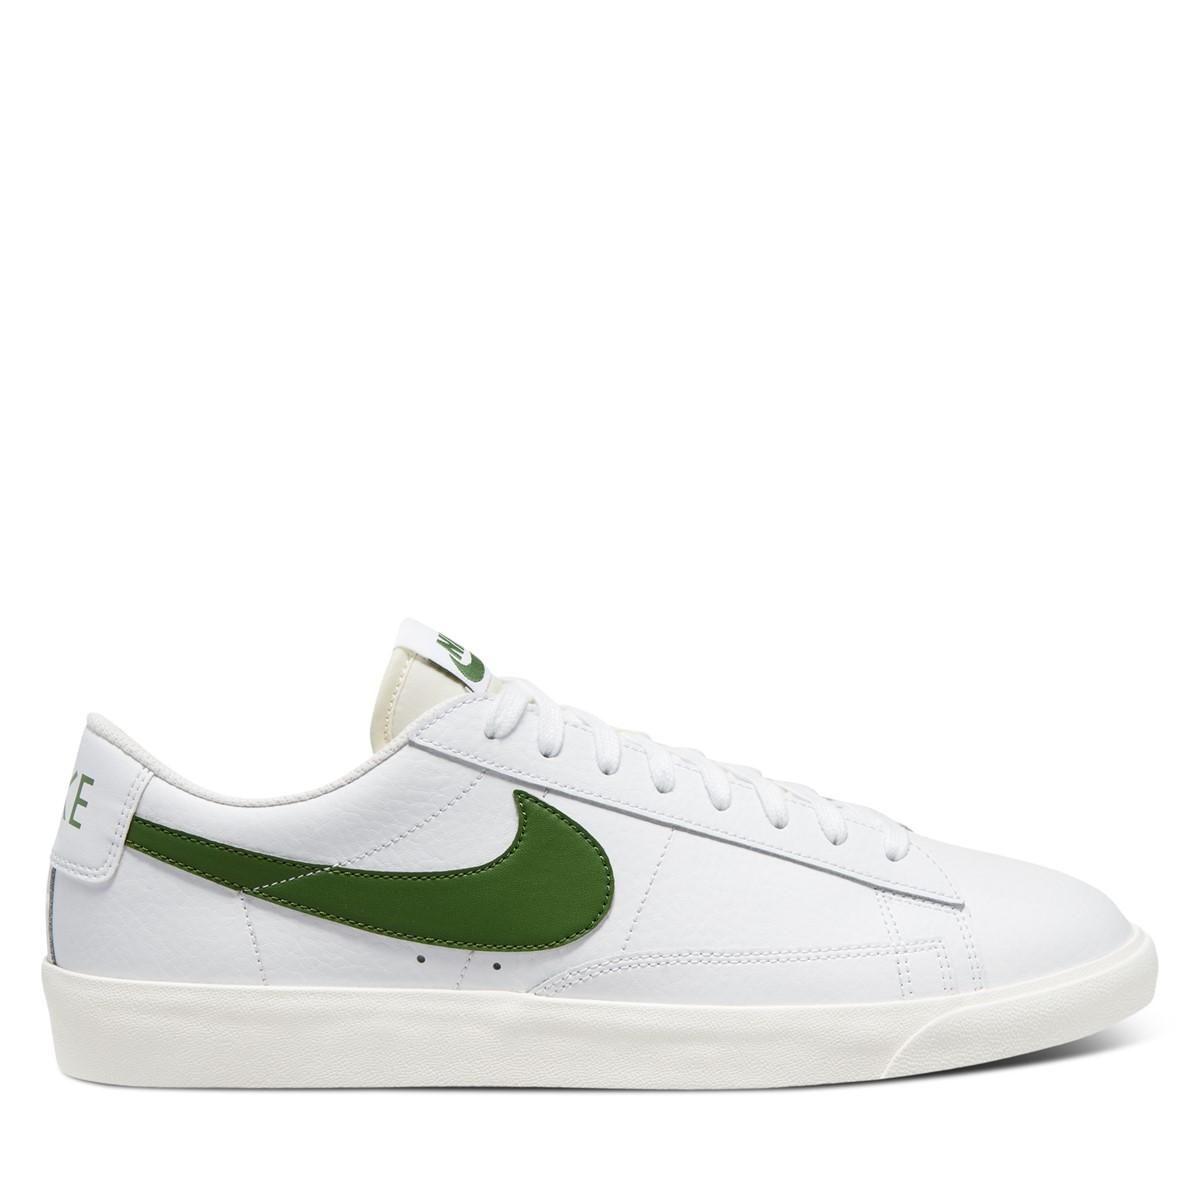 Men's Blazer Low Sneakers in White